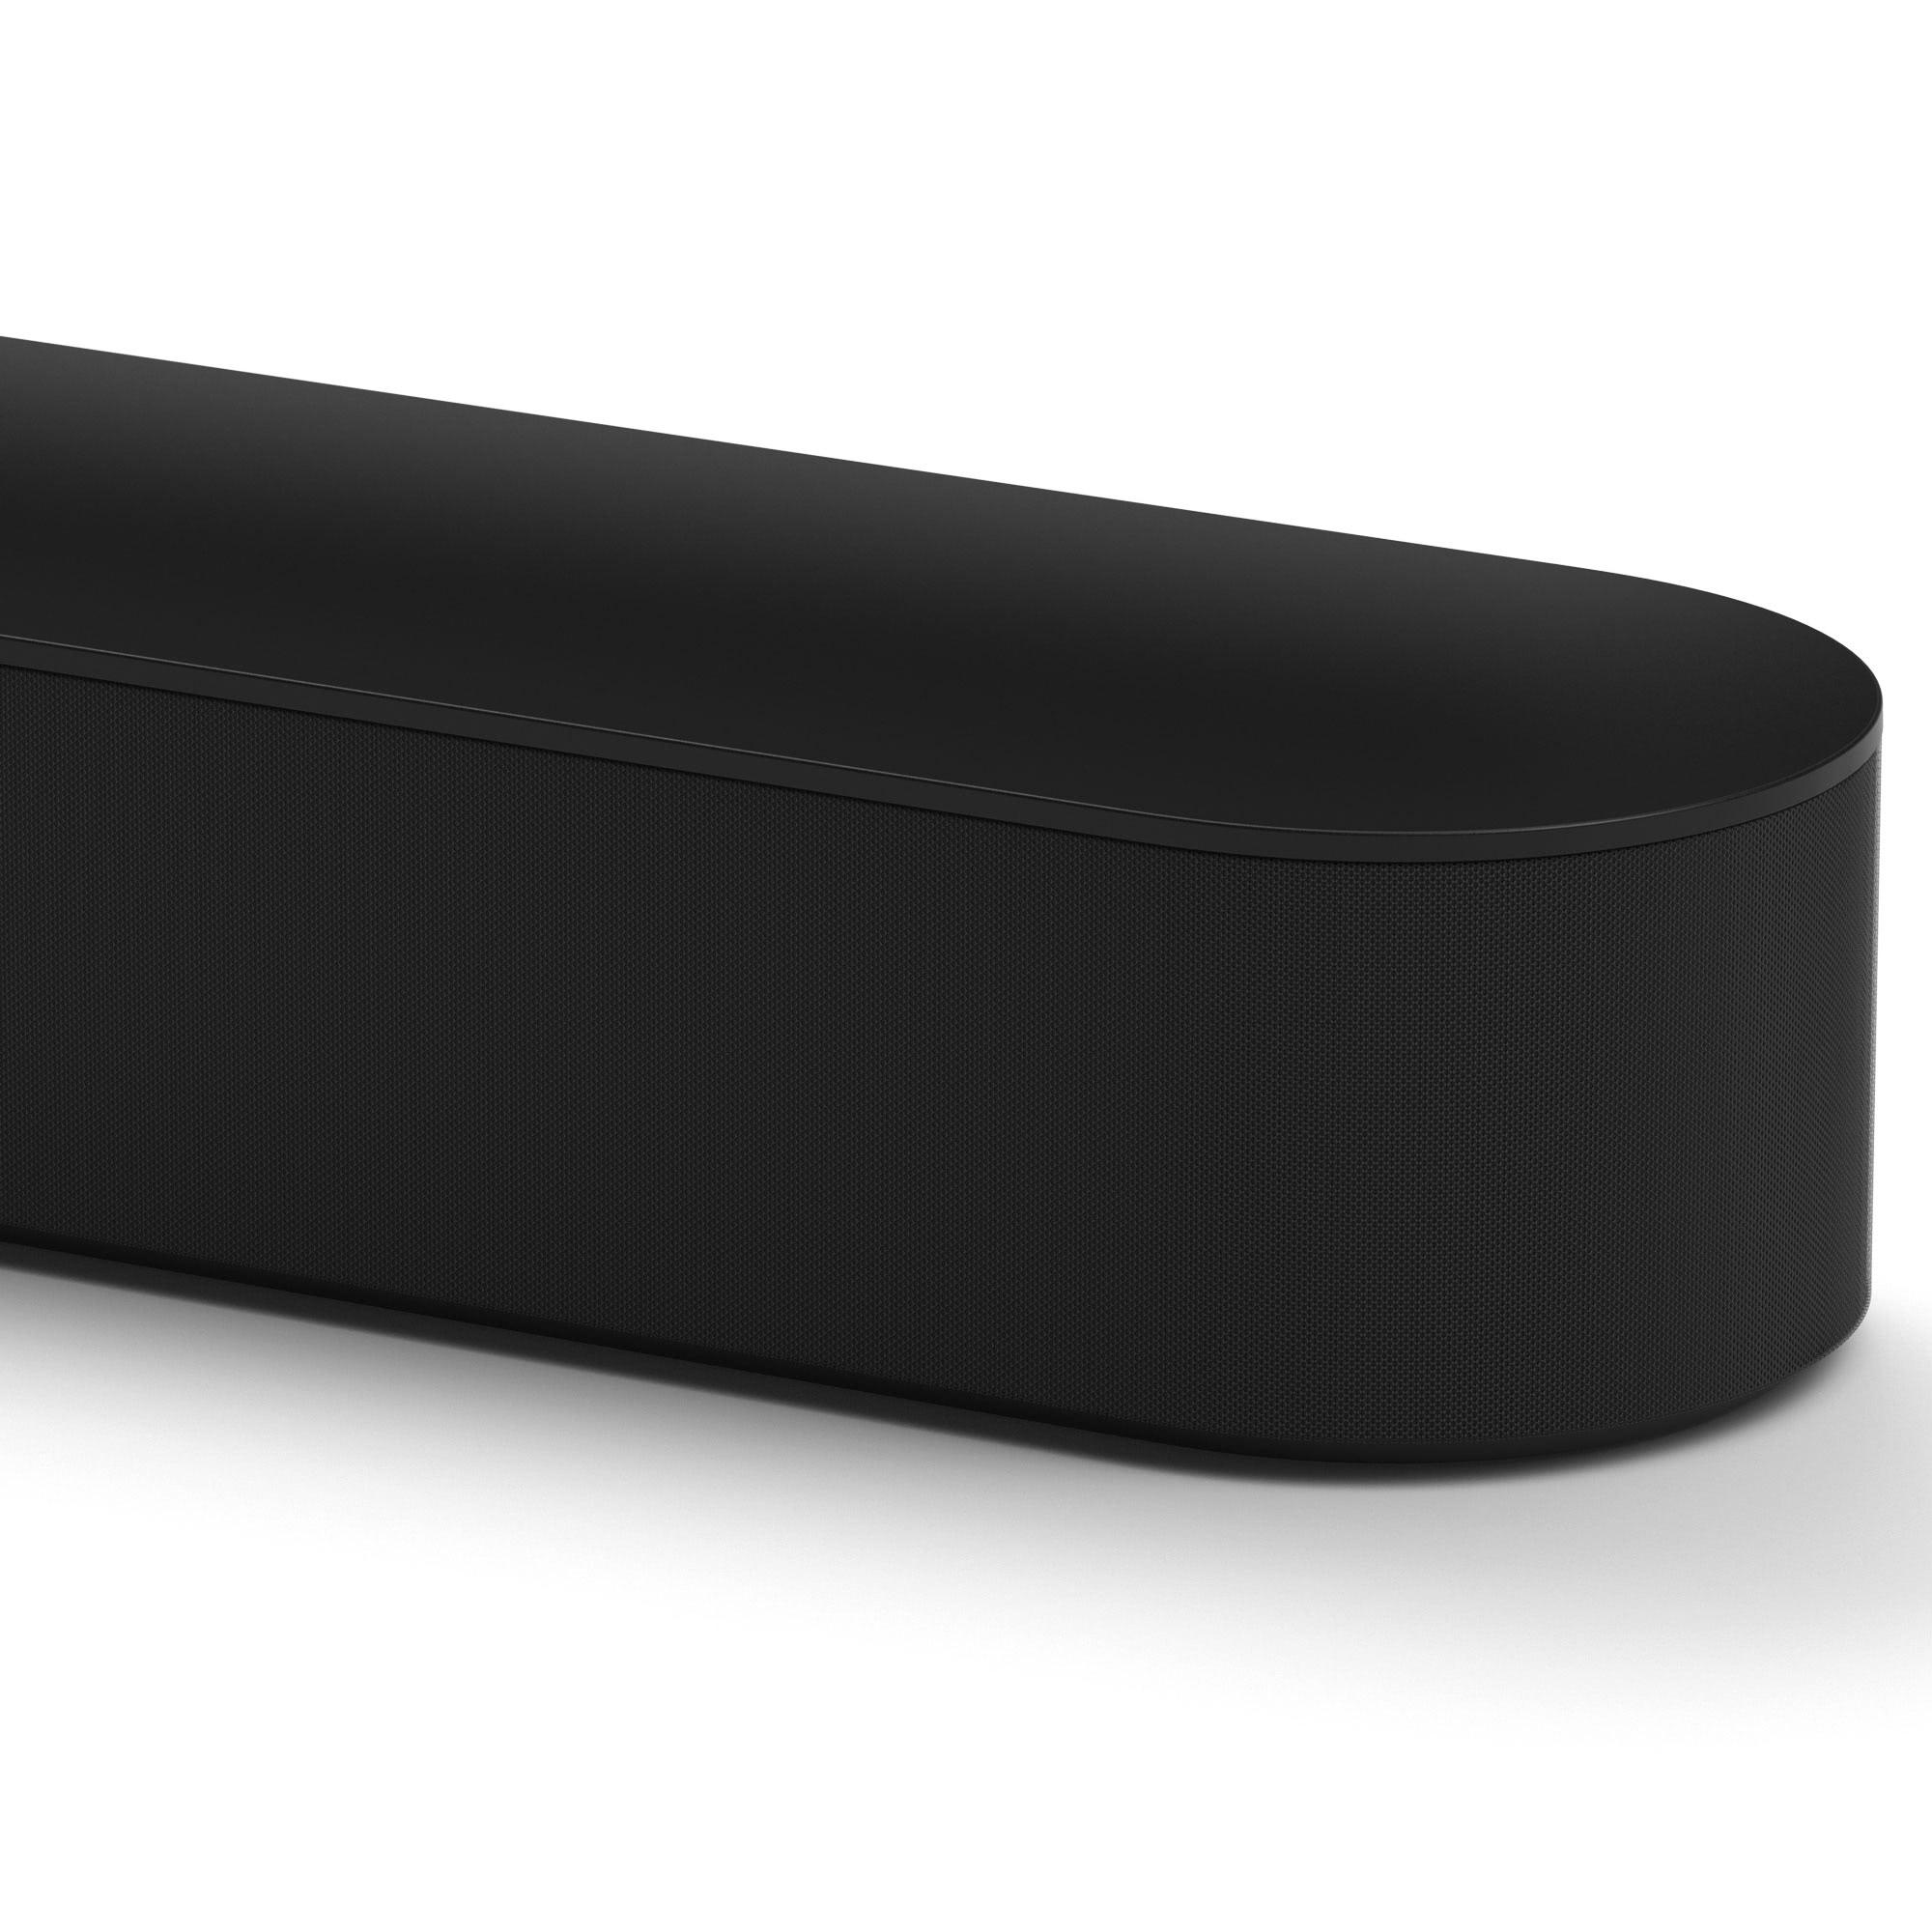 Con estos altavoces cuidadosamente protegidos, el sonido es ideal